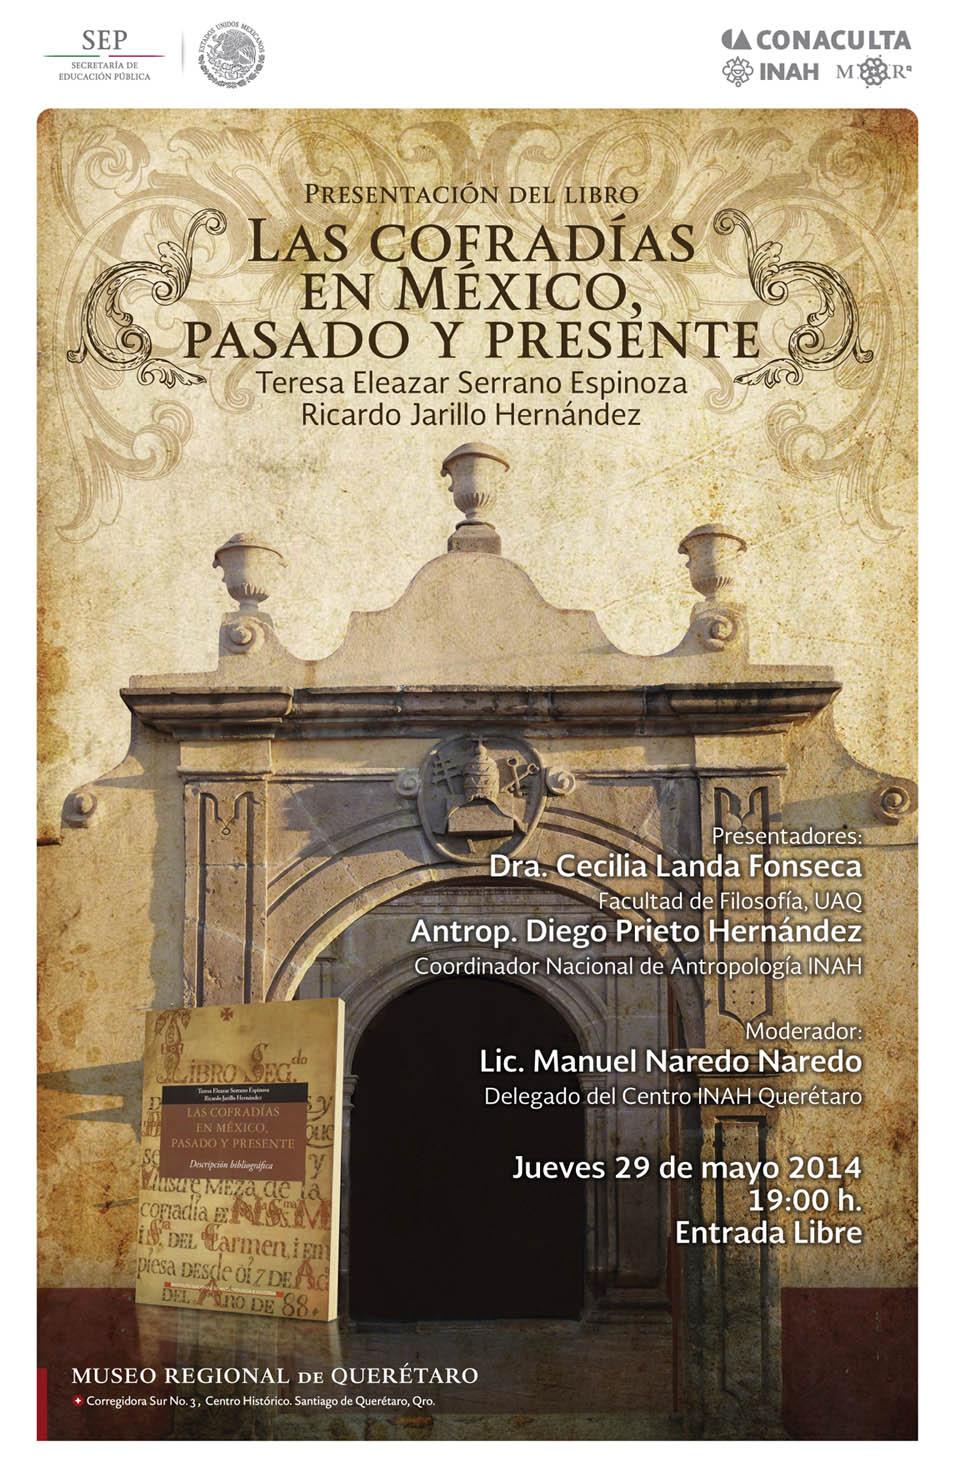 Presentación del Libro: Las Cofradías en México, Pasado y Presente